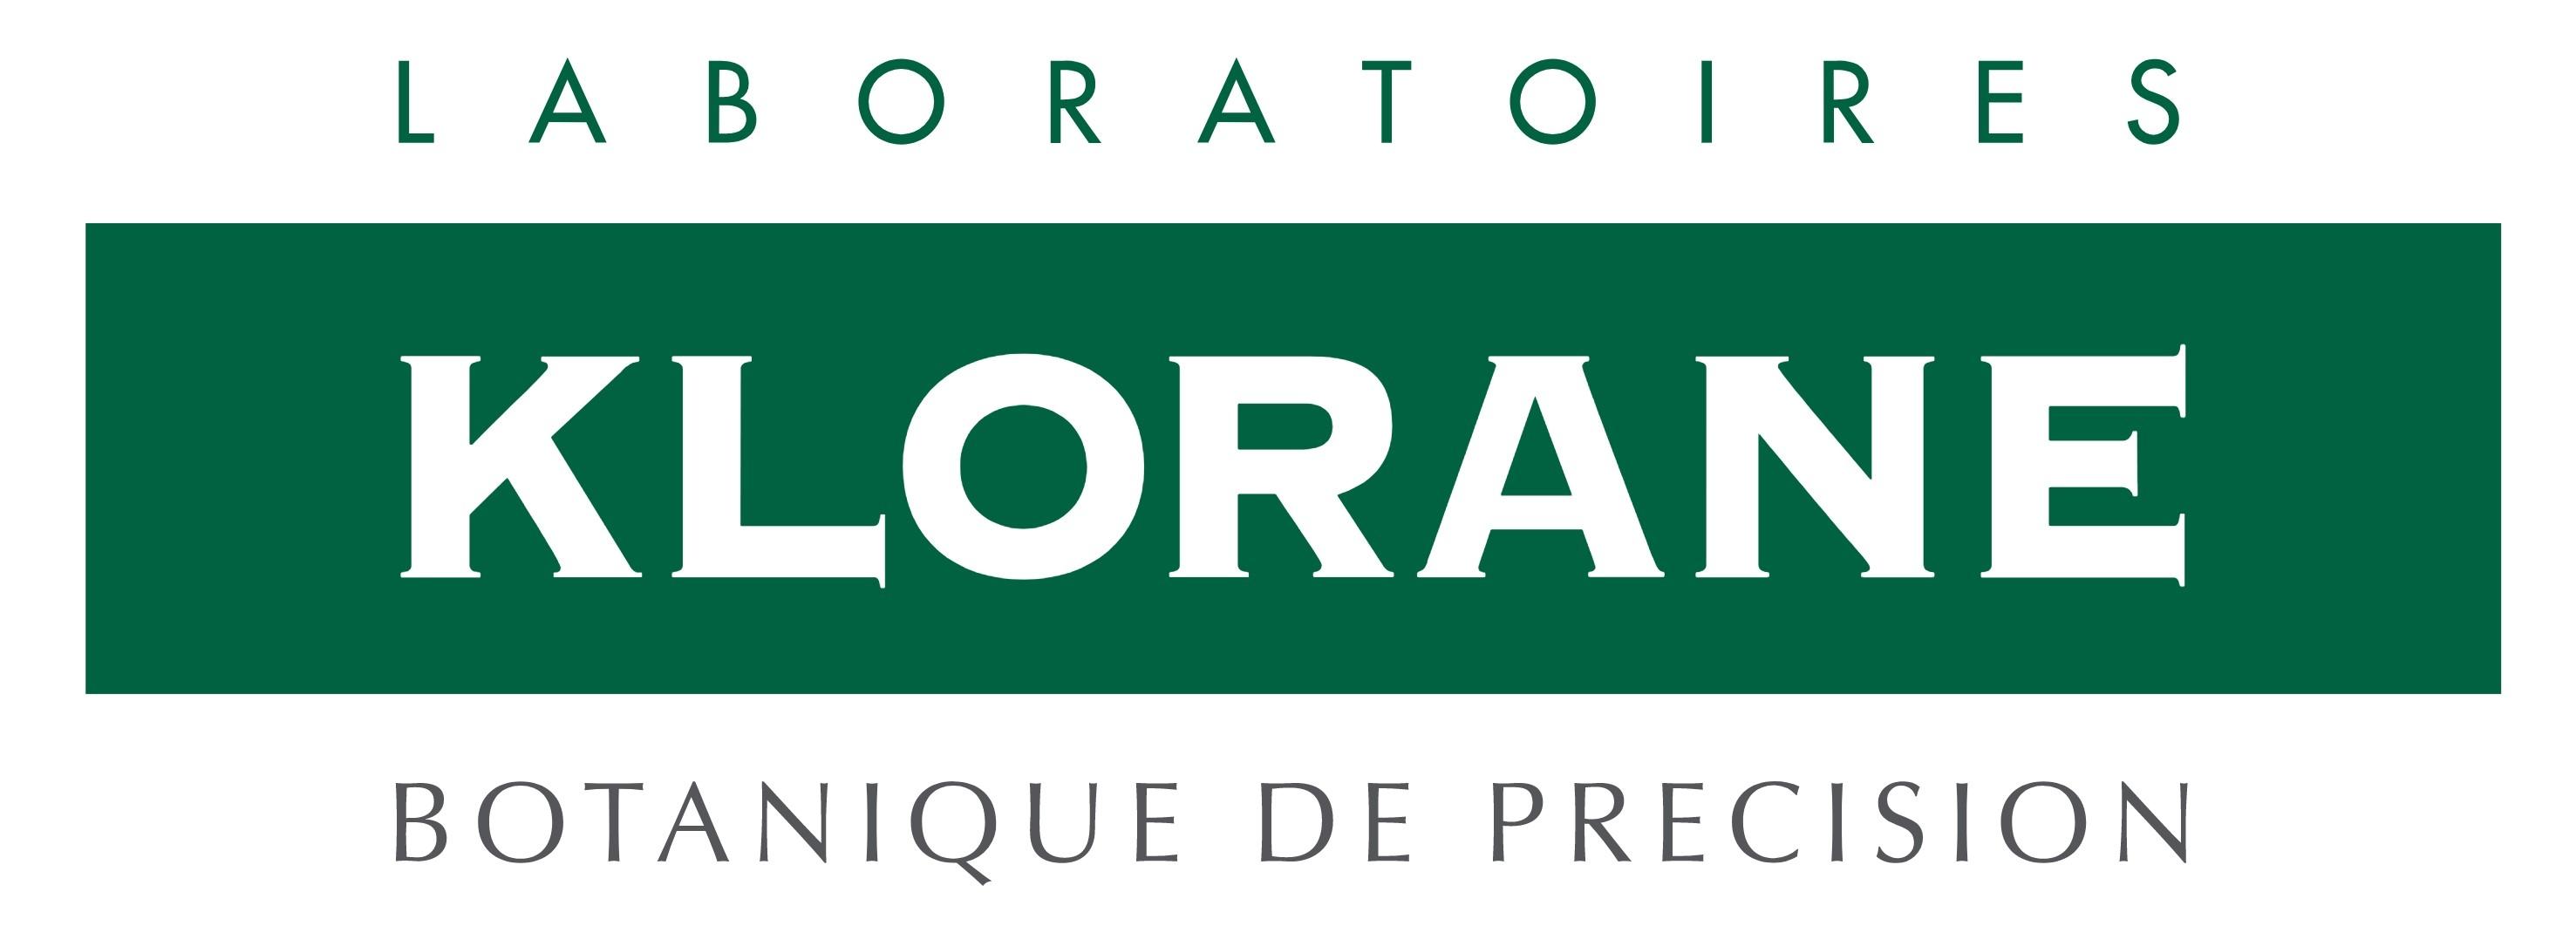 Всички продукти на KLORANE в АптекаБГ